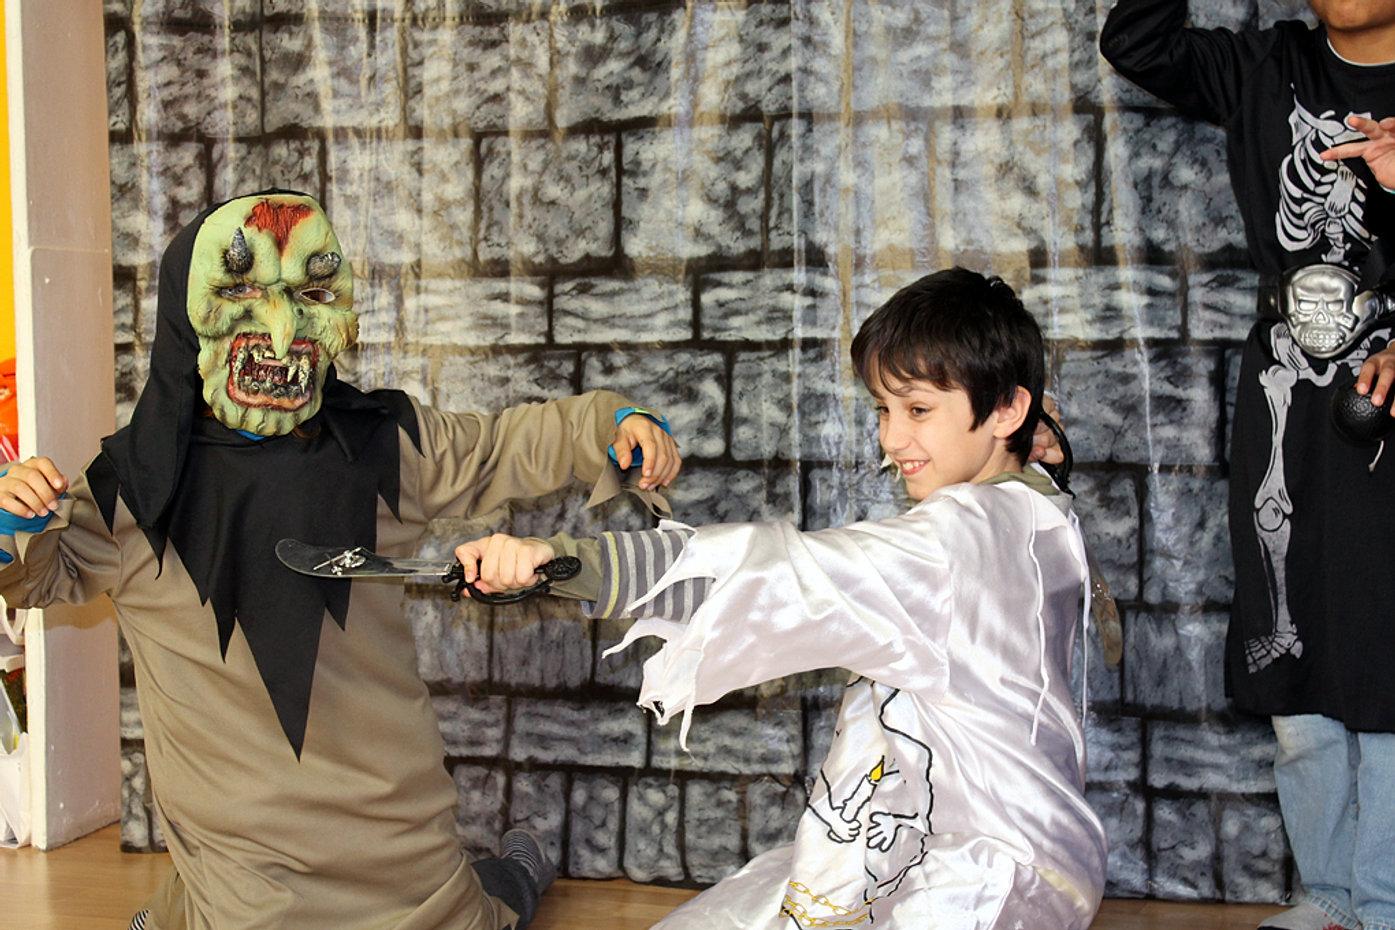 Anniversaire pour enfants, canton de Vaud  Halloween